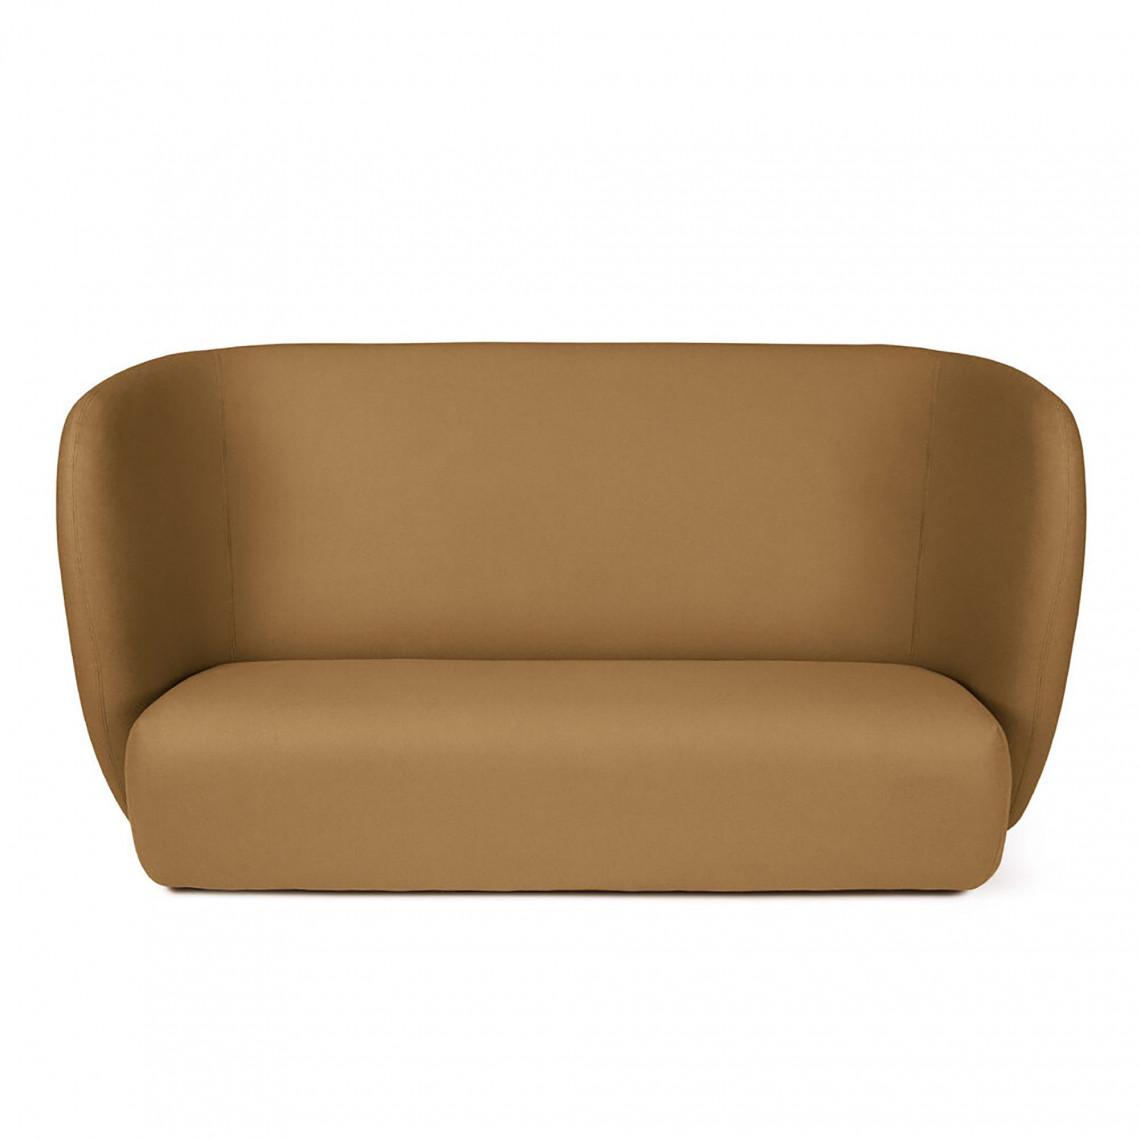 Soffa Haven 3 Seater